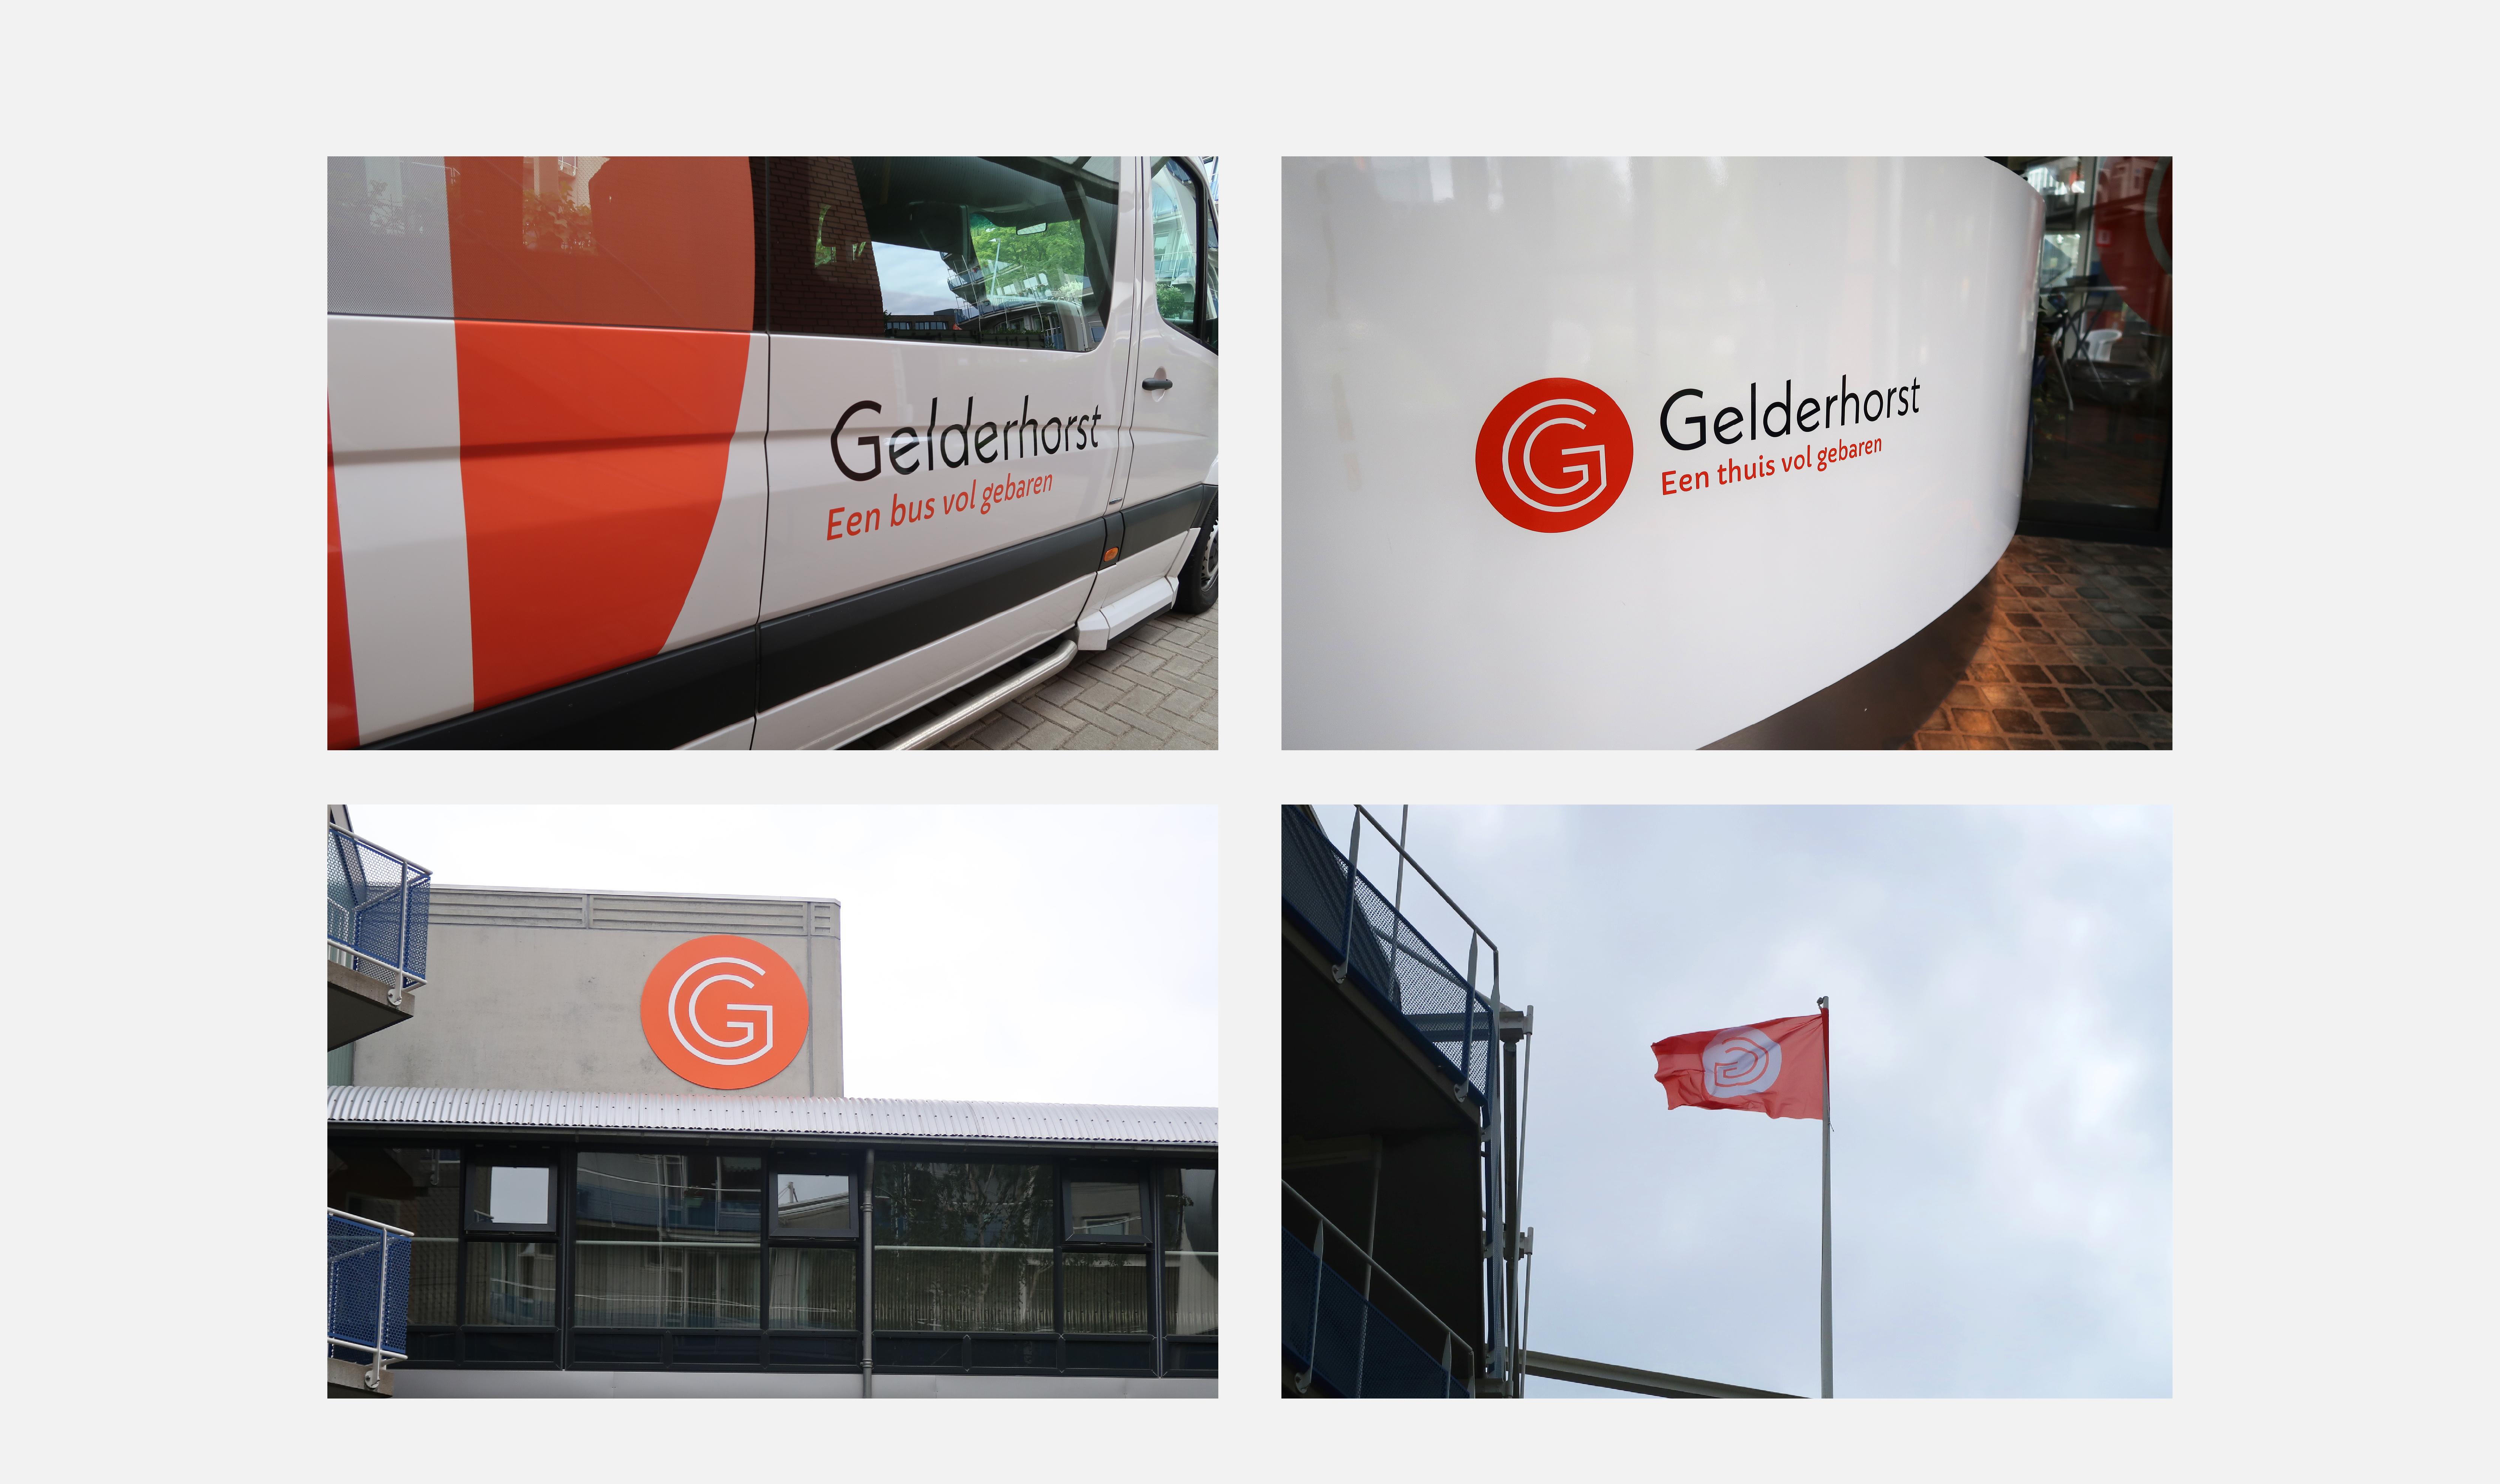 Nieuw logo voor de Gelderhorst